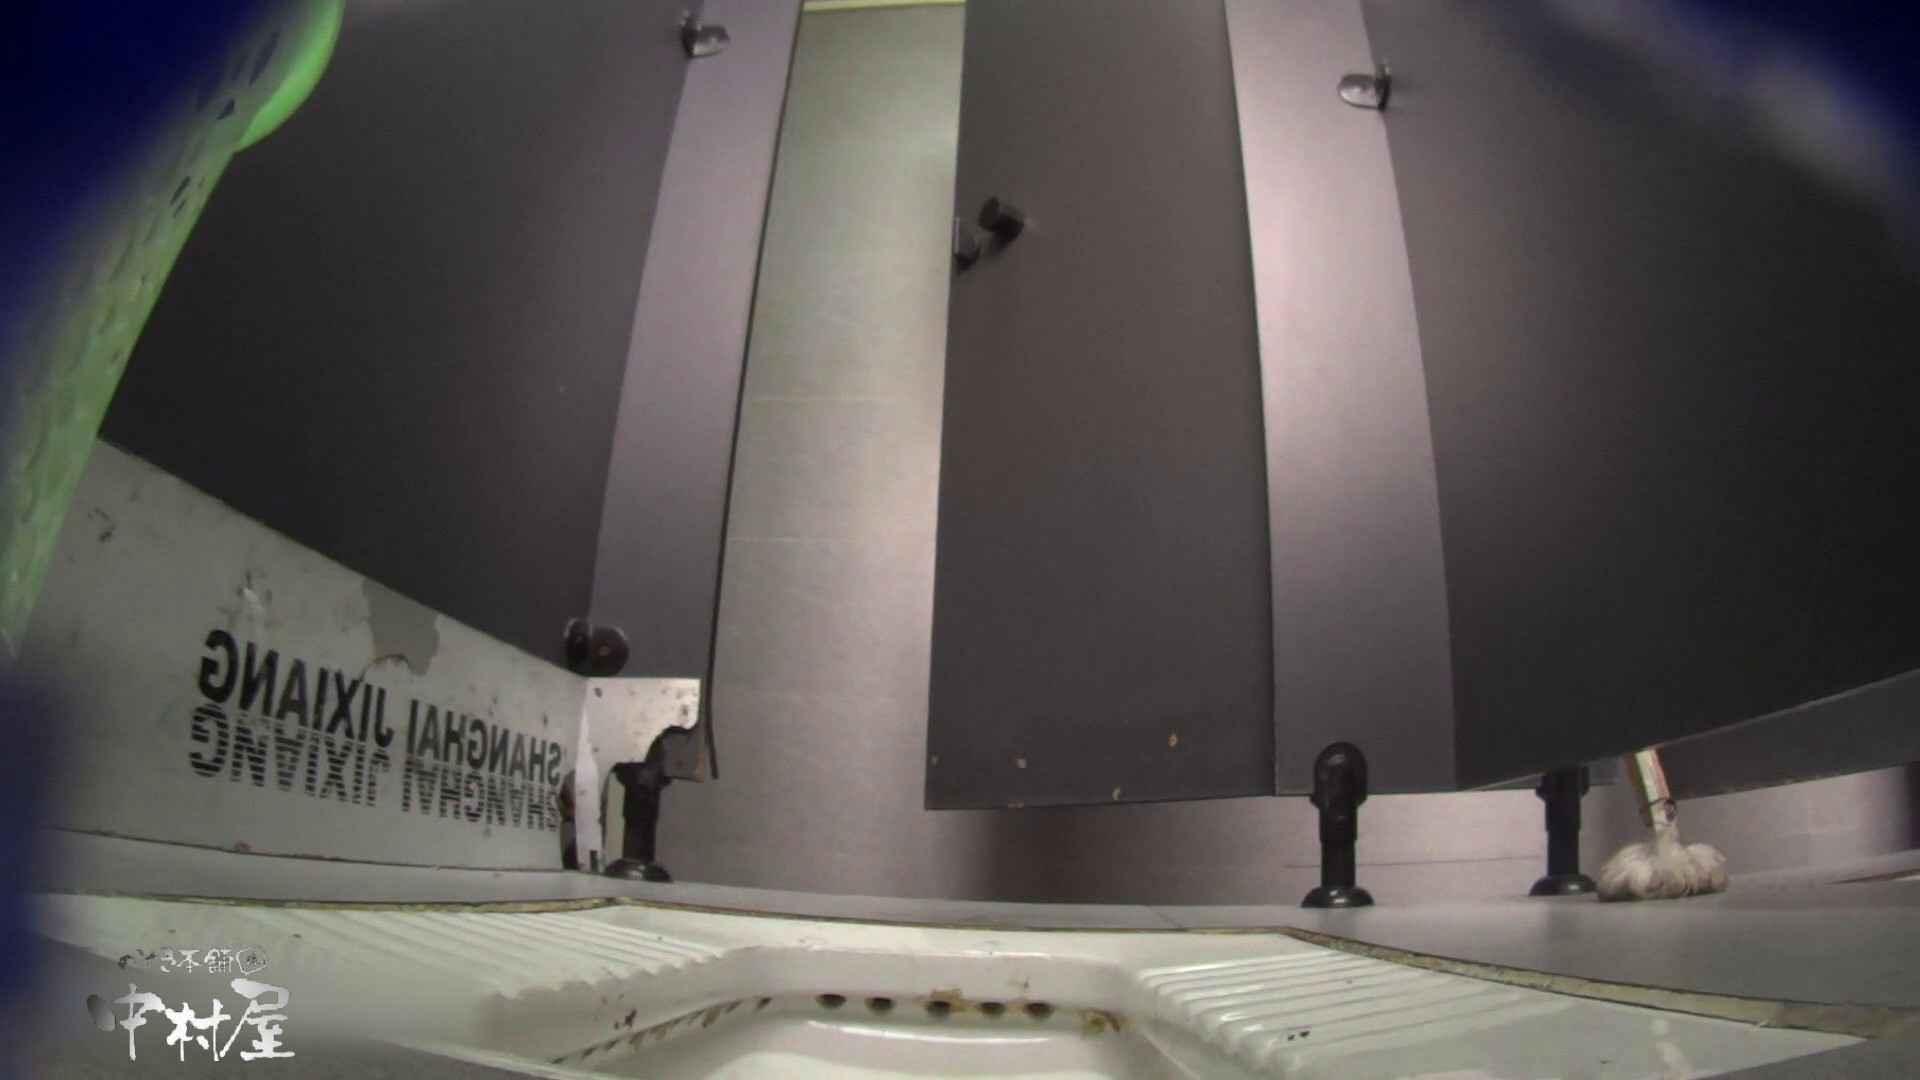 グレースパッツお女市さん 大学休憩時間の洗面所事情31 盗撮師作品 われめAV動画紹介 85pic 2